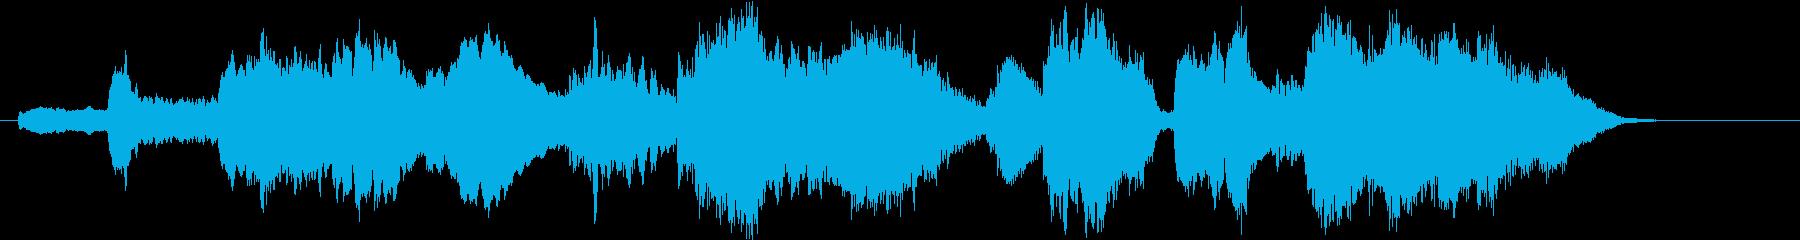 ファンタジー世界のオーケストラ・イントロの再生済みの波形